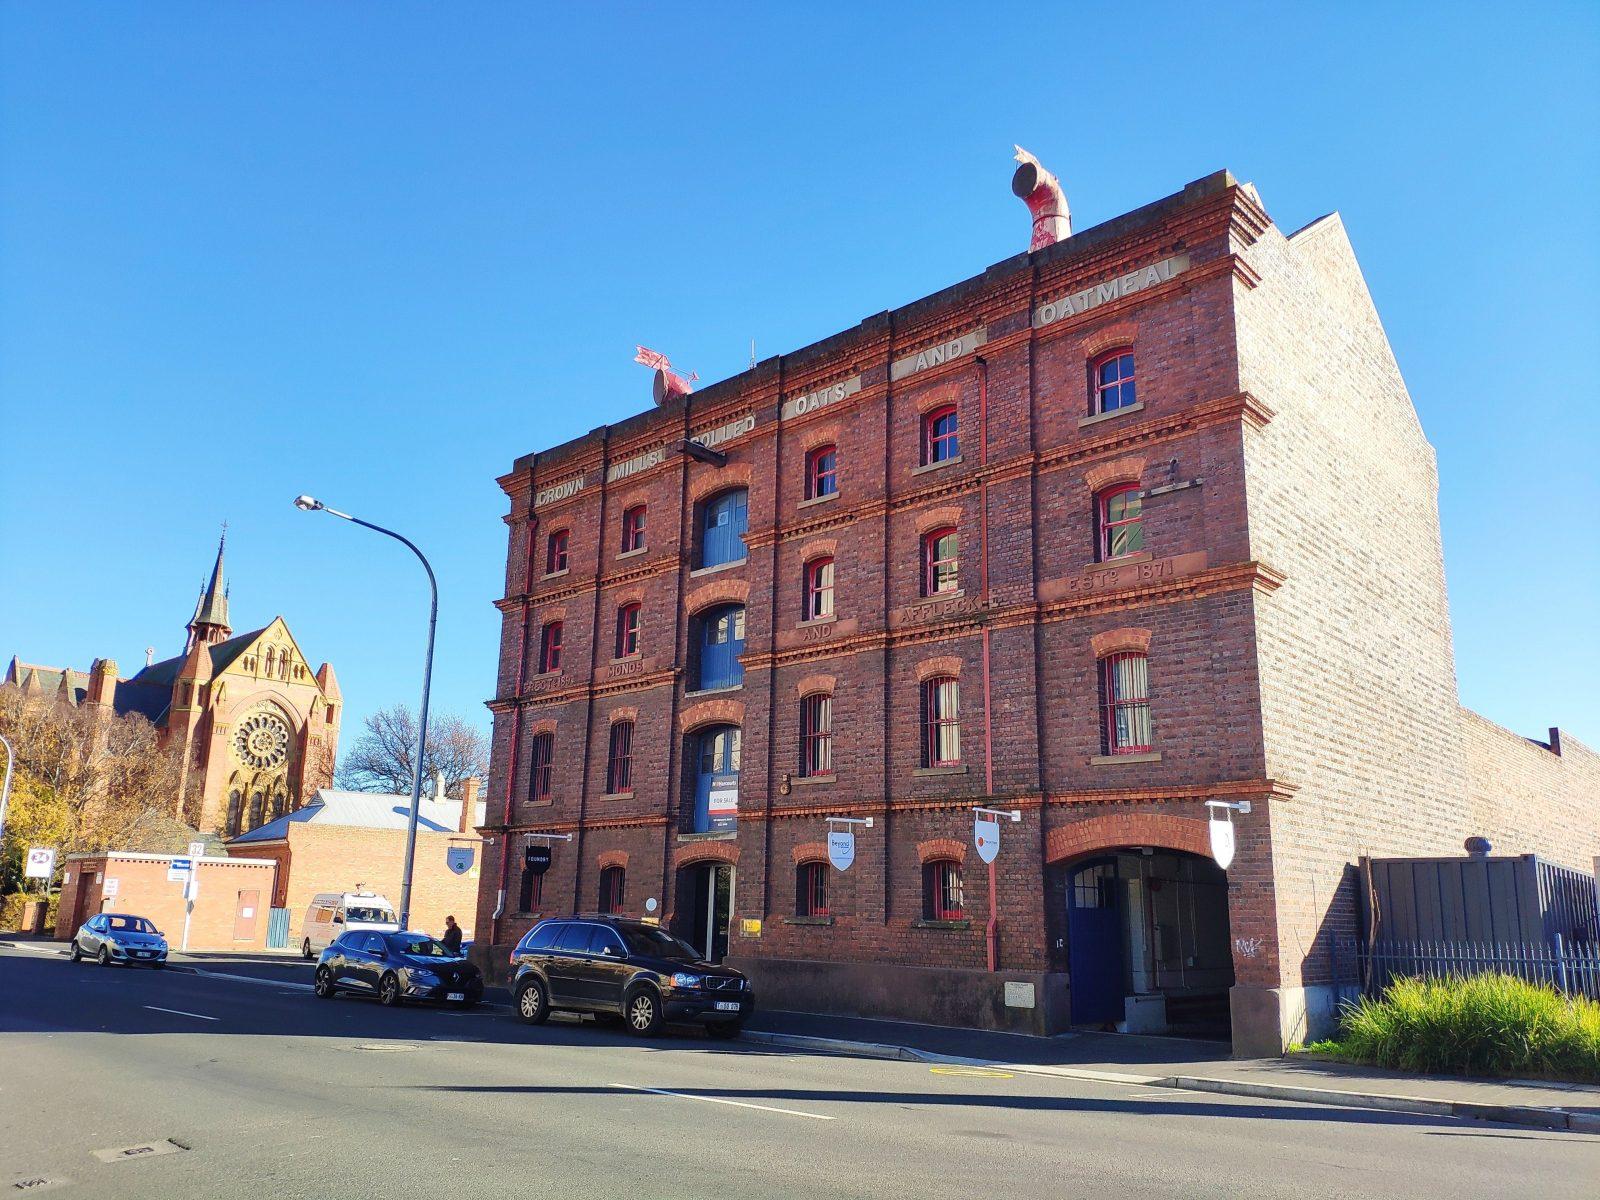 Crown Mill, Flour, Thomas Affleck